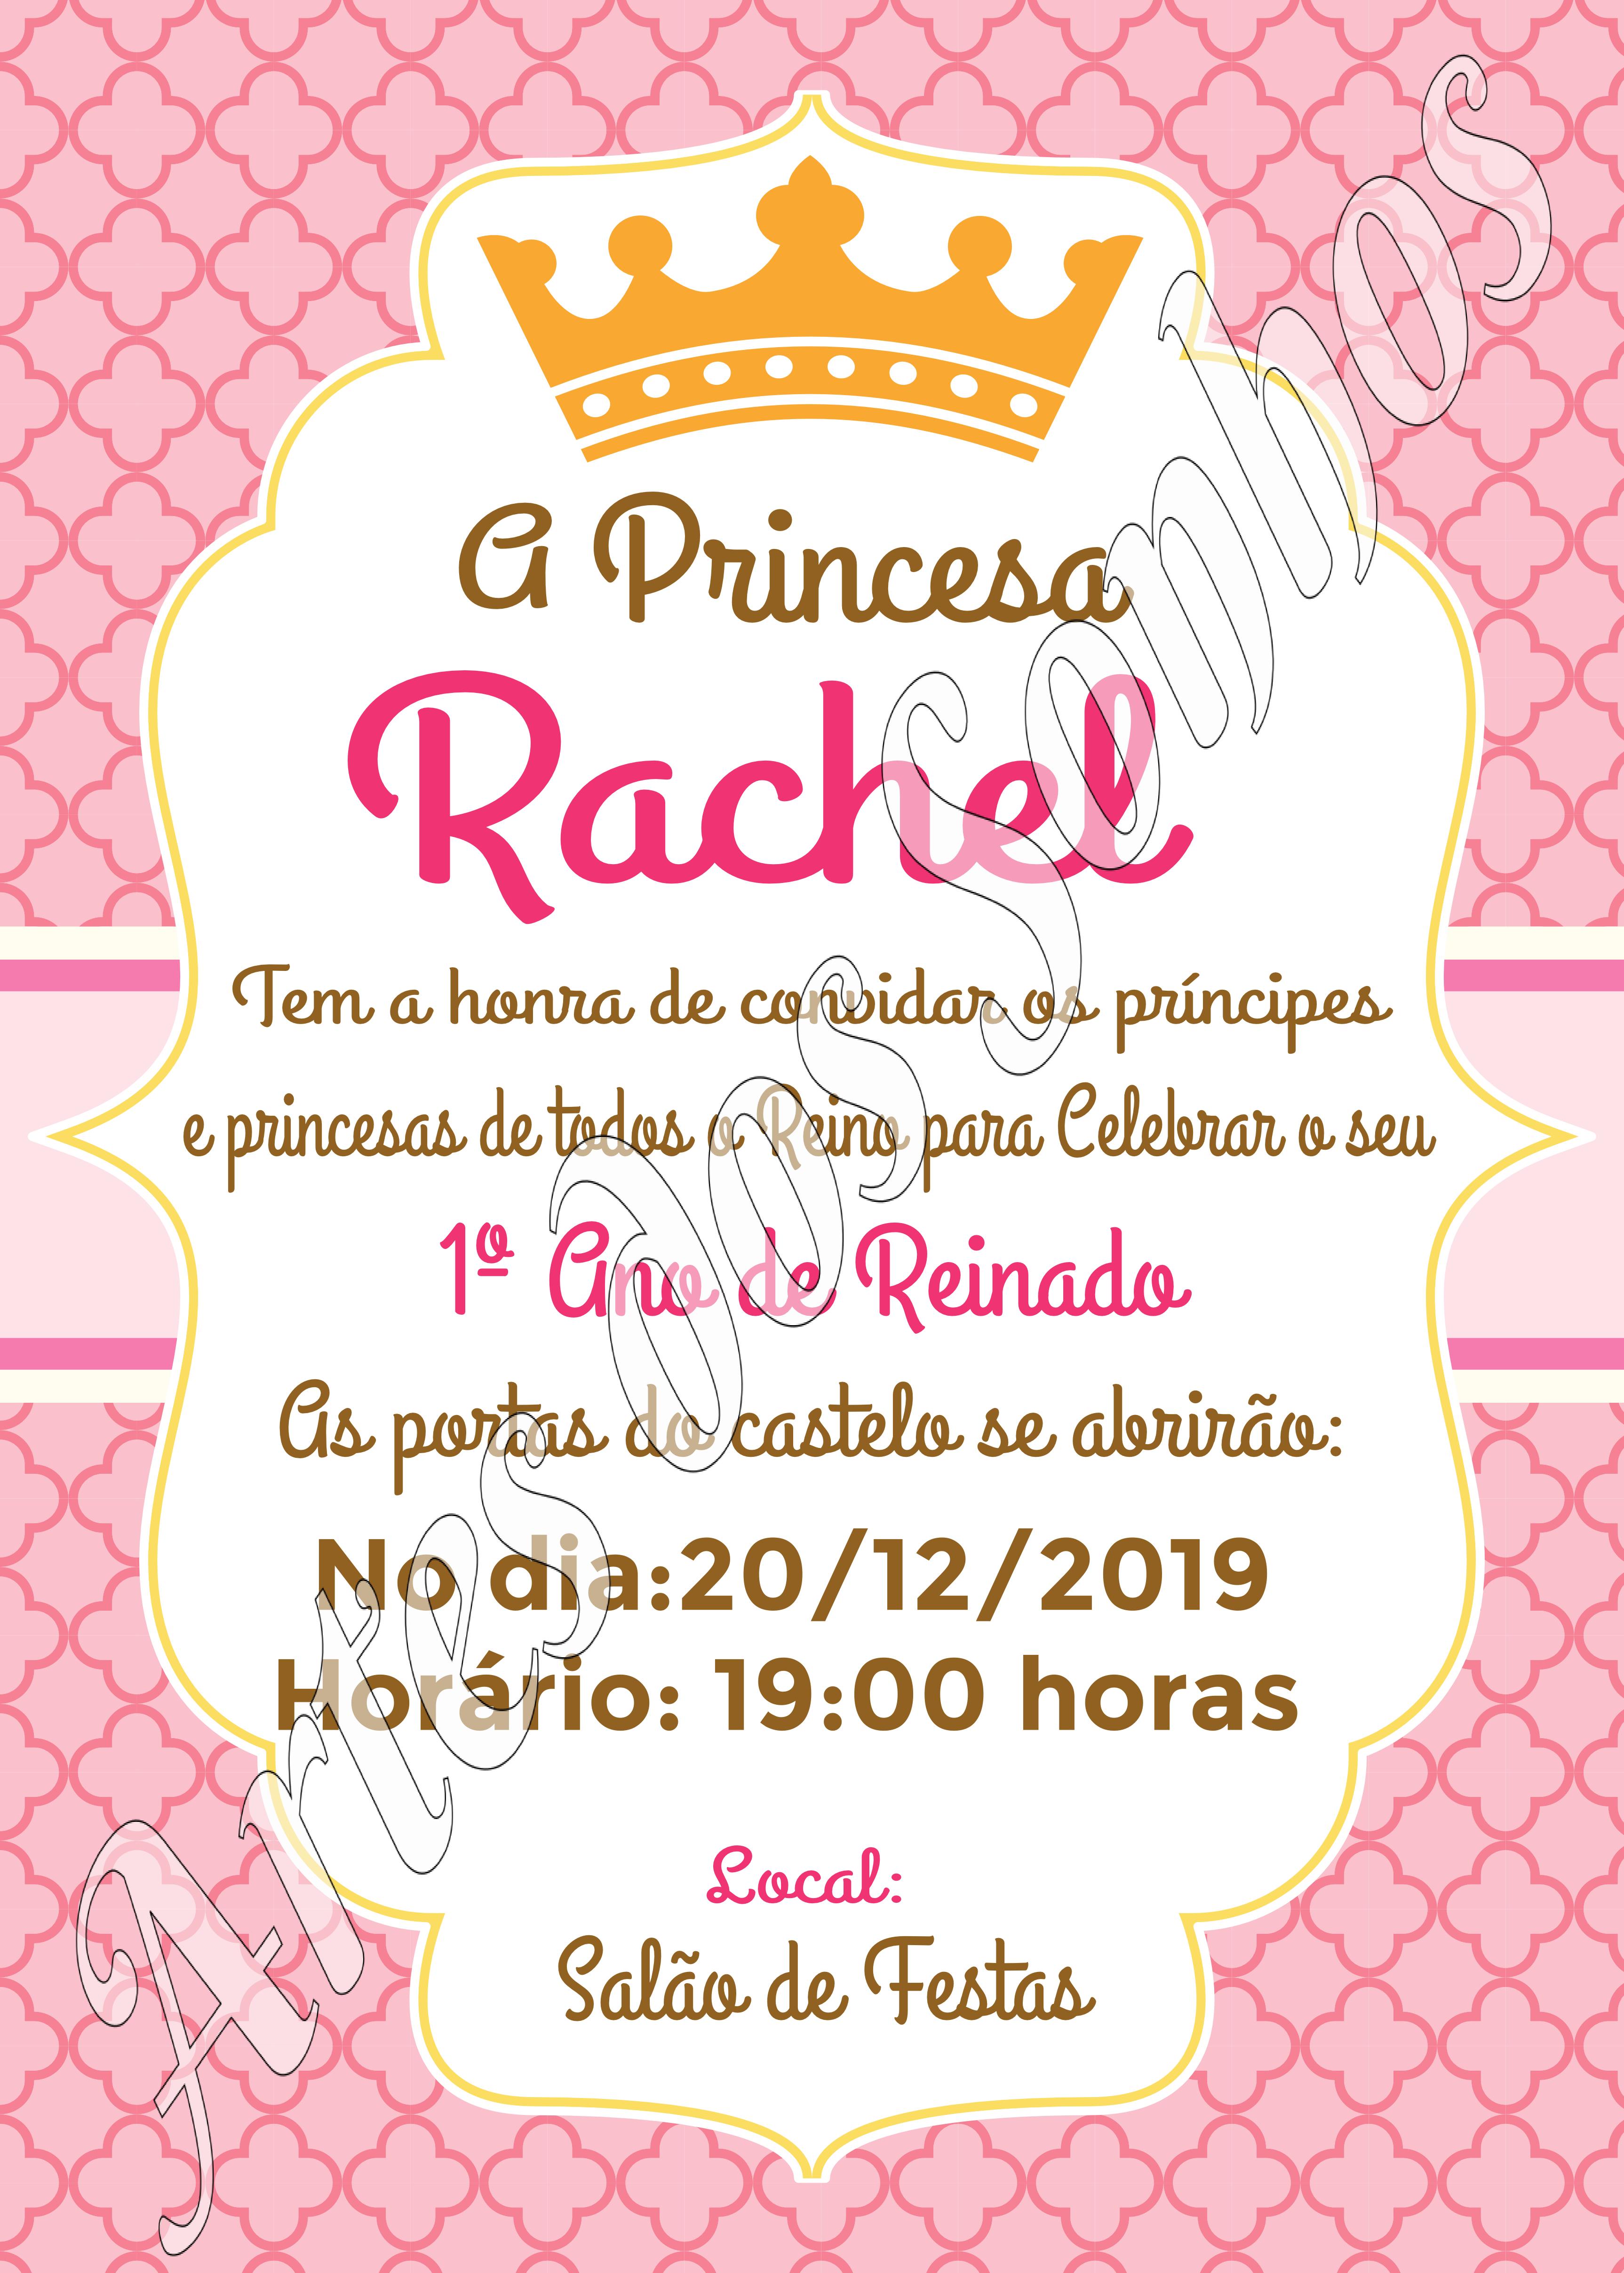 Convite Virtual De Aniversario Princesa Realeza Elo7